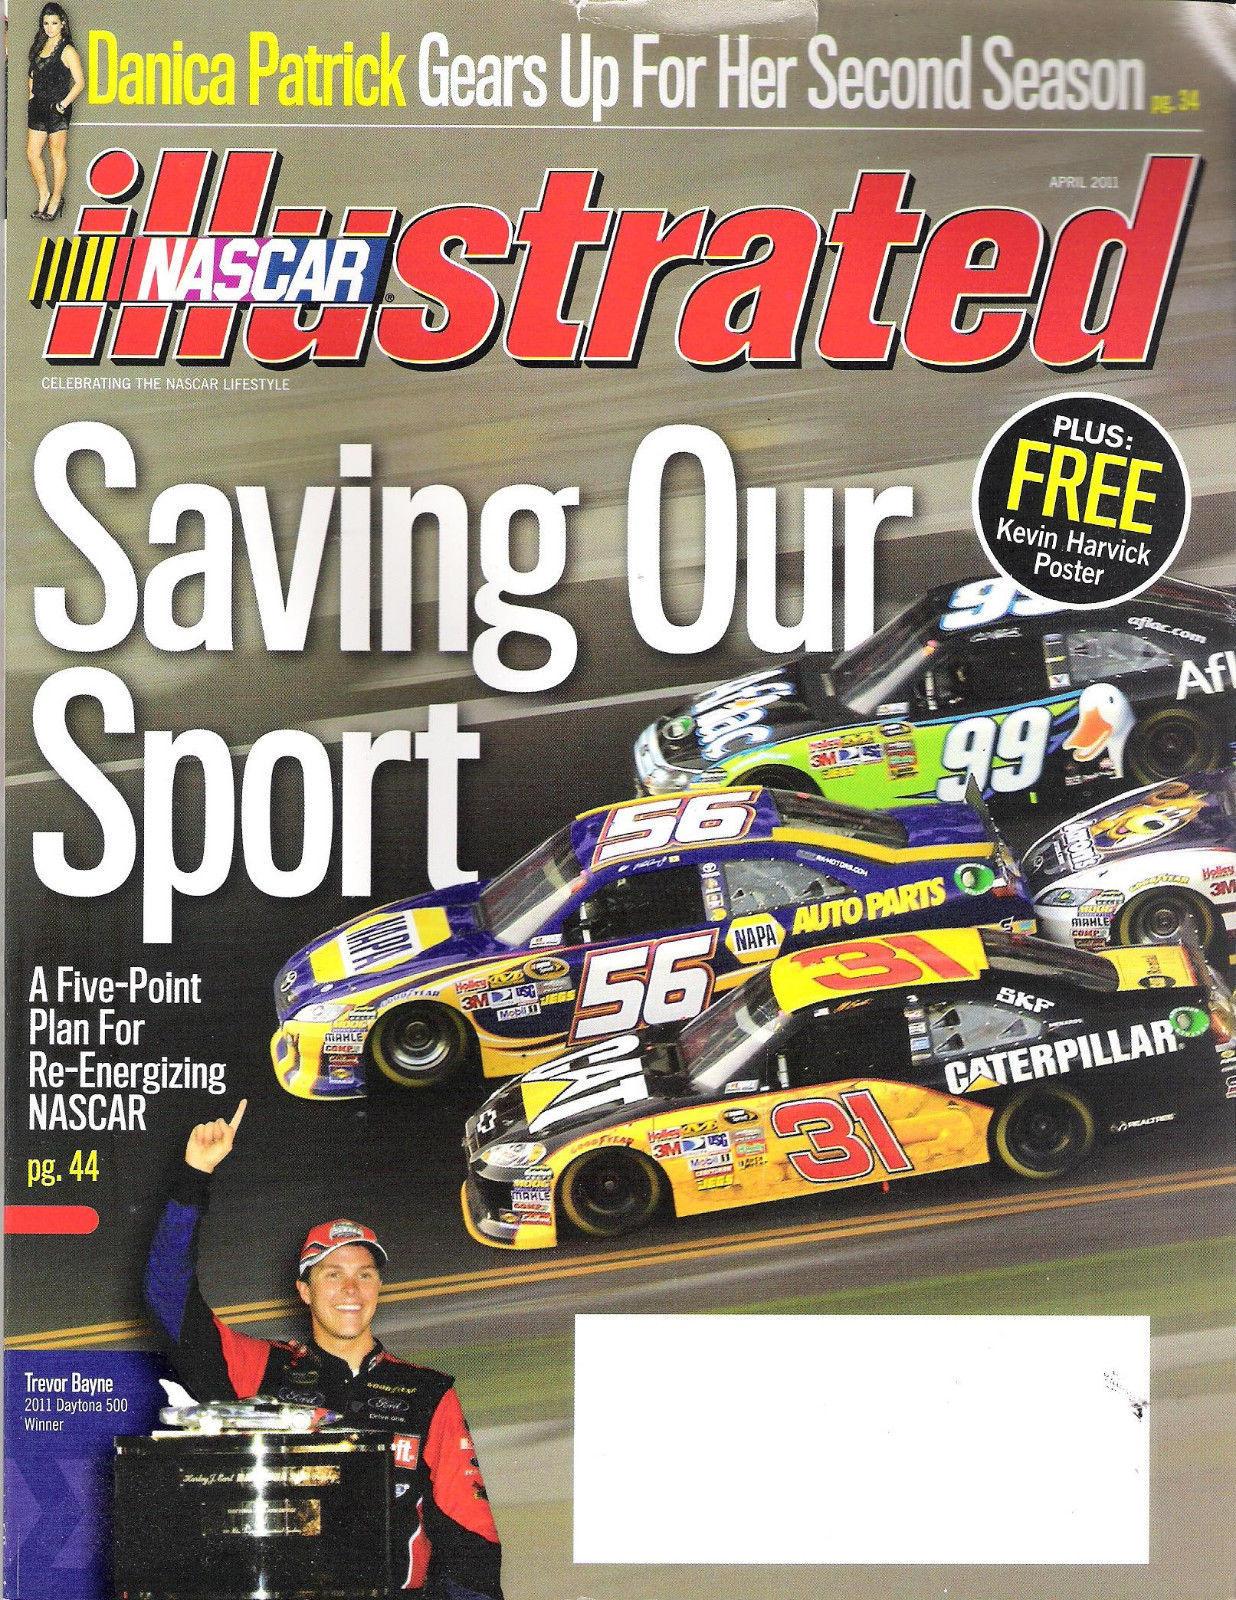 Nascar Illustrated April 2011 Trevor Bayne Wins At Daytona Danica Patrick